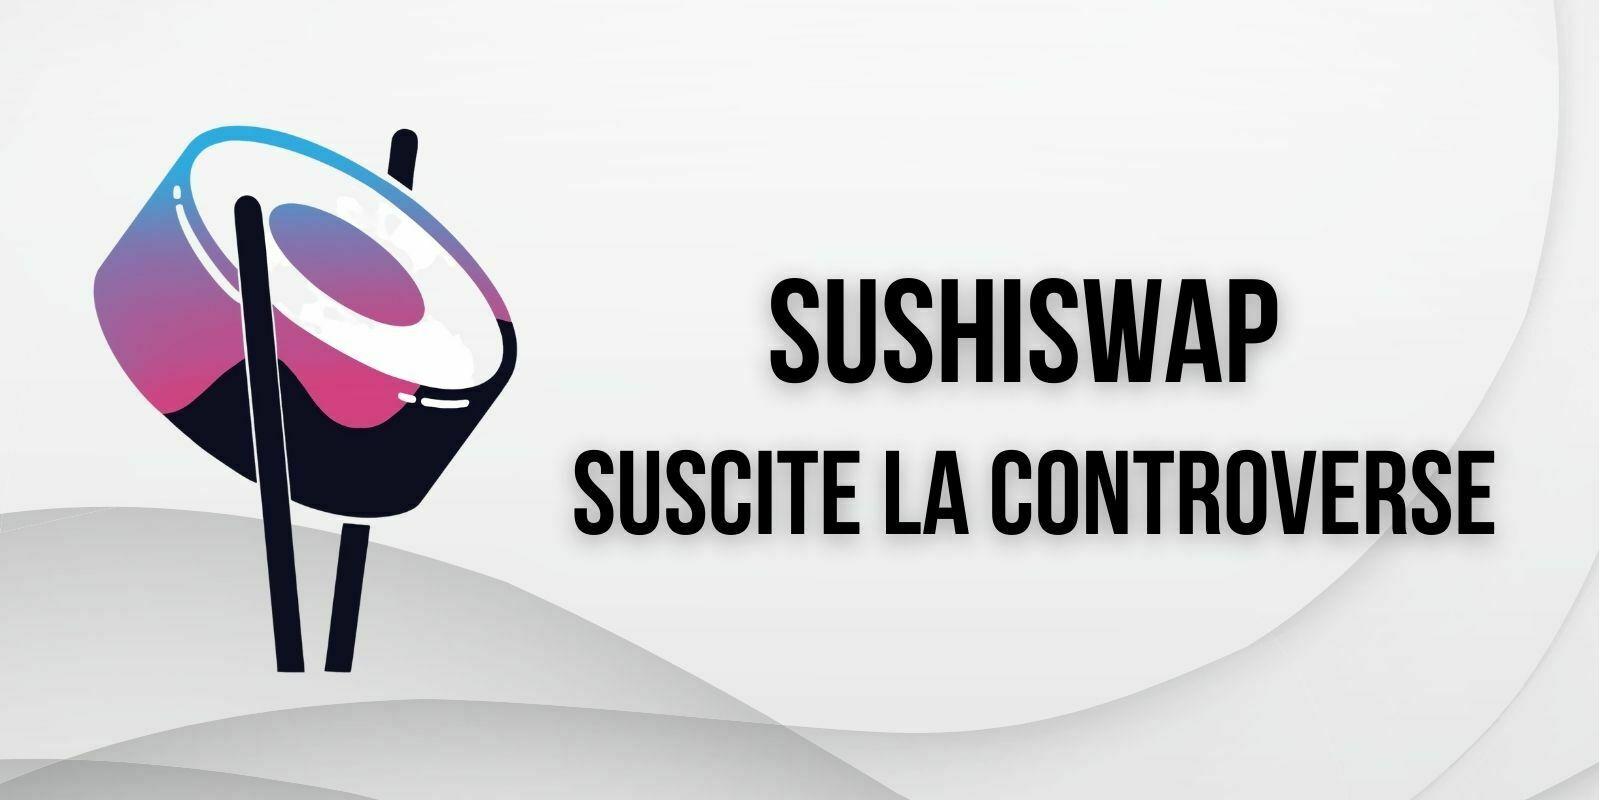 SushiSwap propose de vendre 50M$ en SUSHI à des fonds de capital-risque et provoque la colère de la communauté